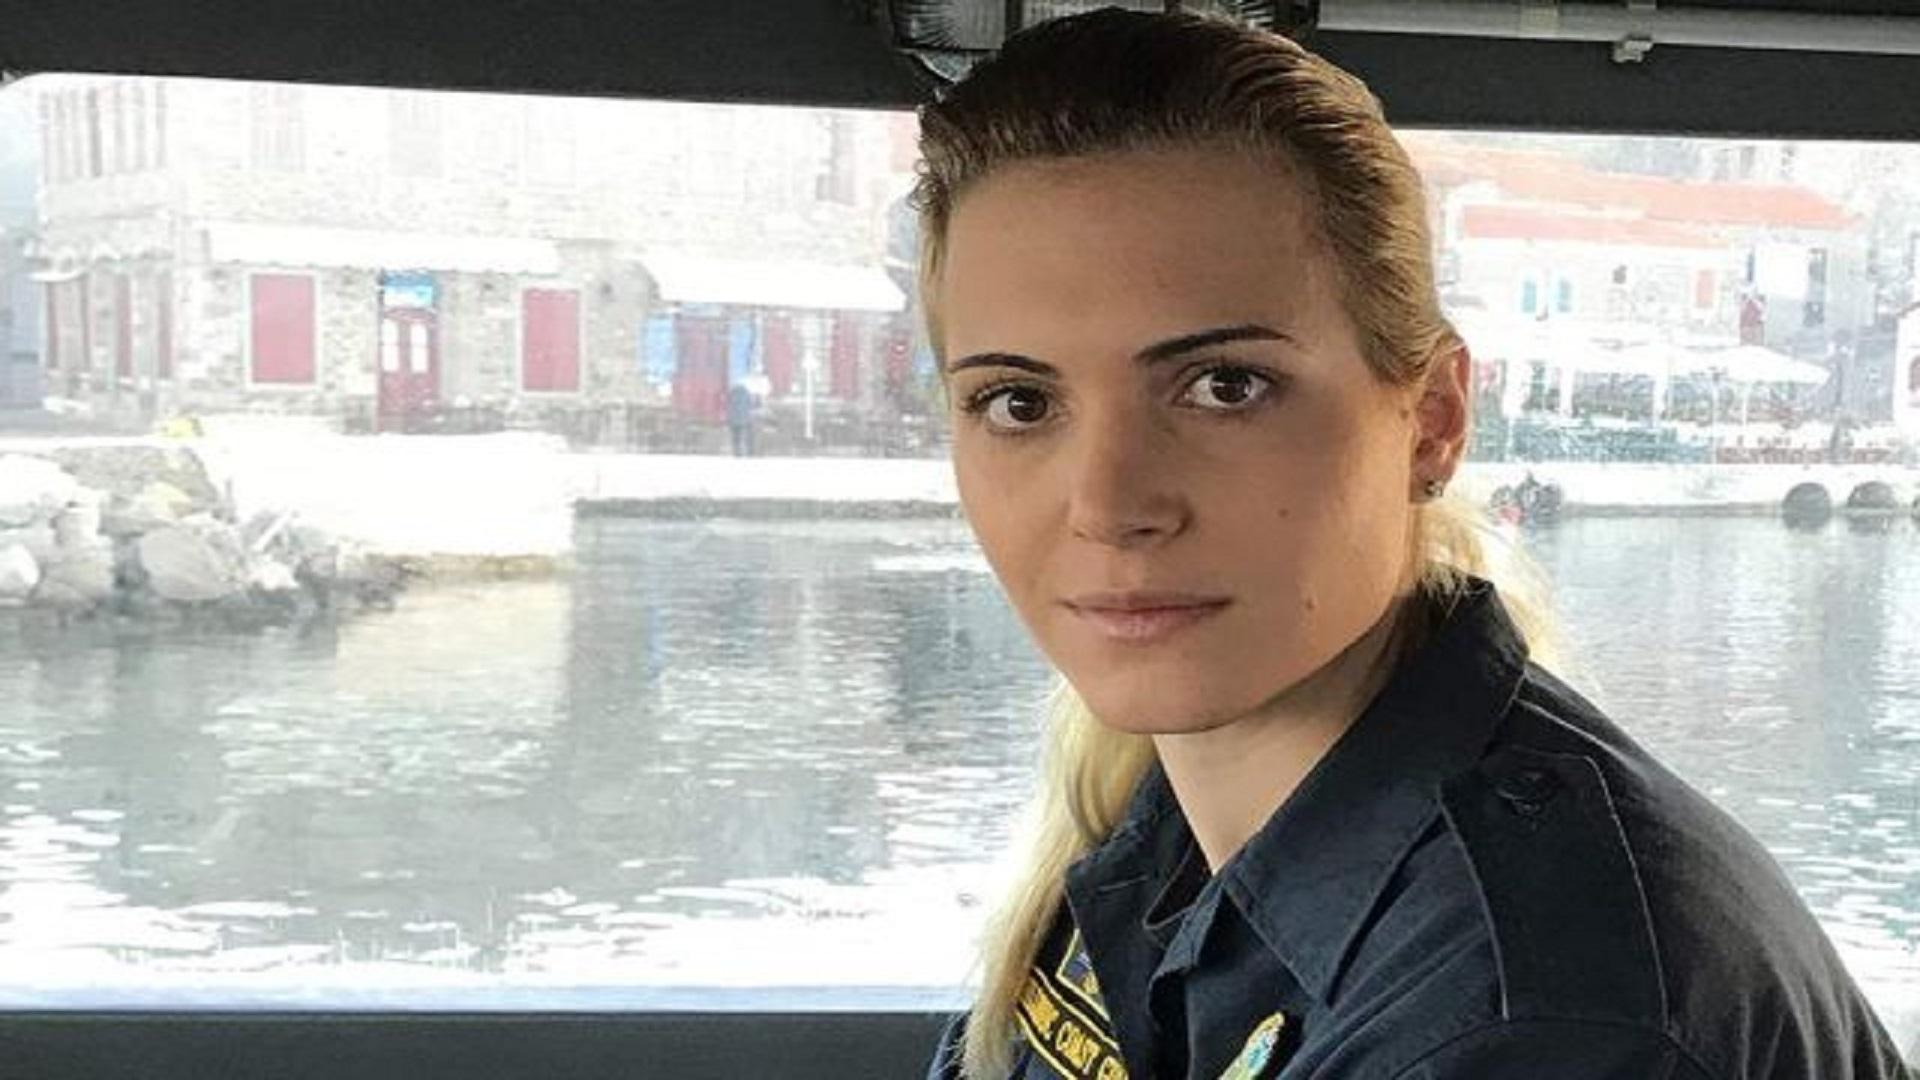 Επικελευστής ΛΣ Κόντη Μαρία, η μόνη γυναίκα κυβερνήτης σκάφους στα ανατολικά σύνορα, μιλάει στο ΑΠΕ-ΜΠΕ